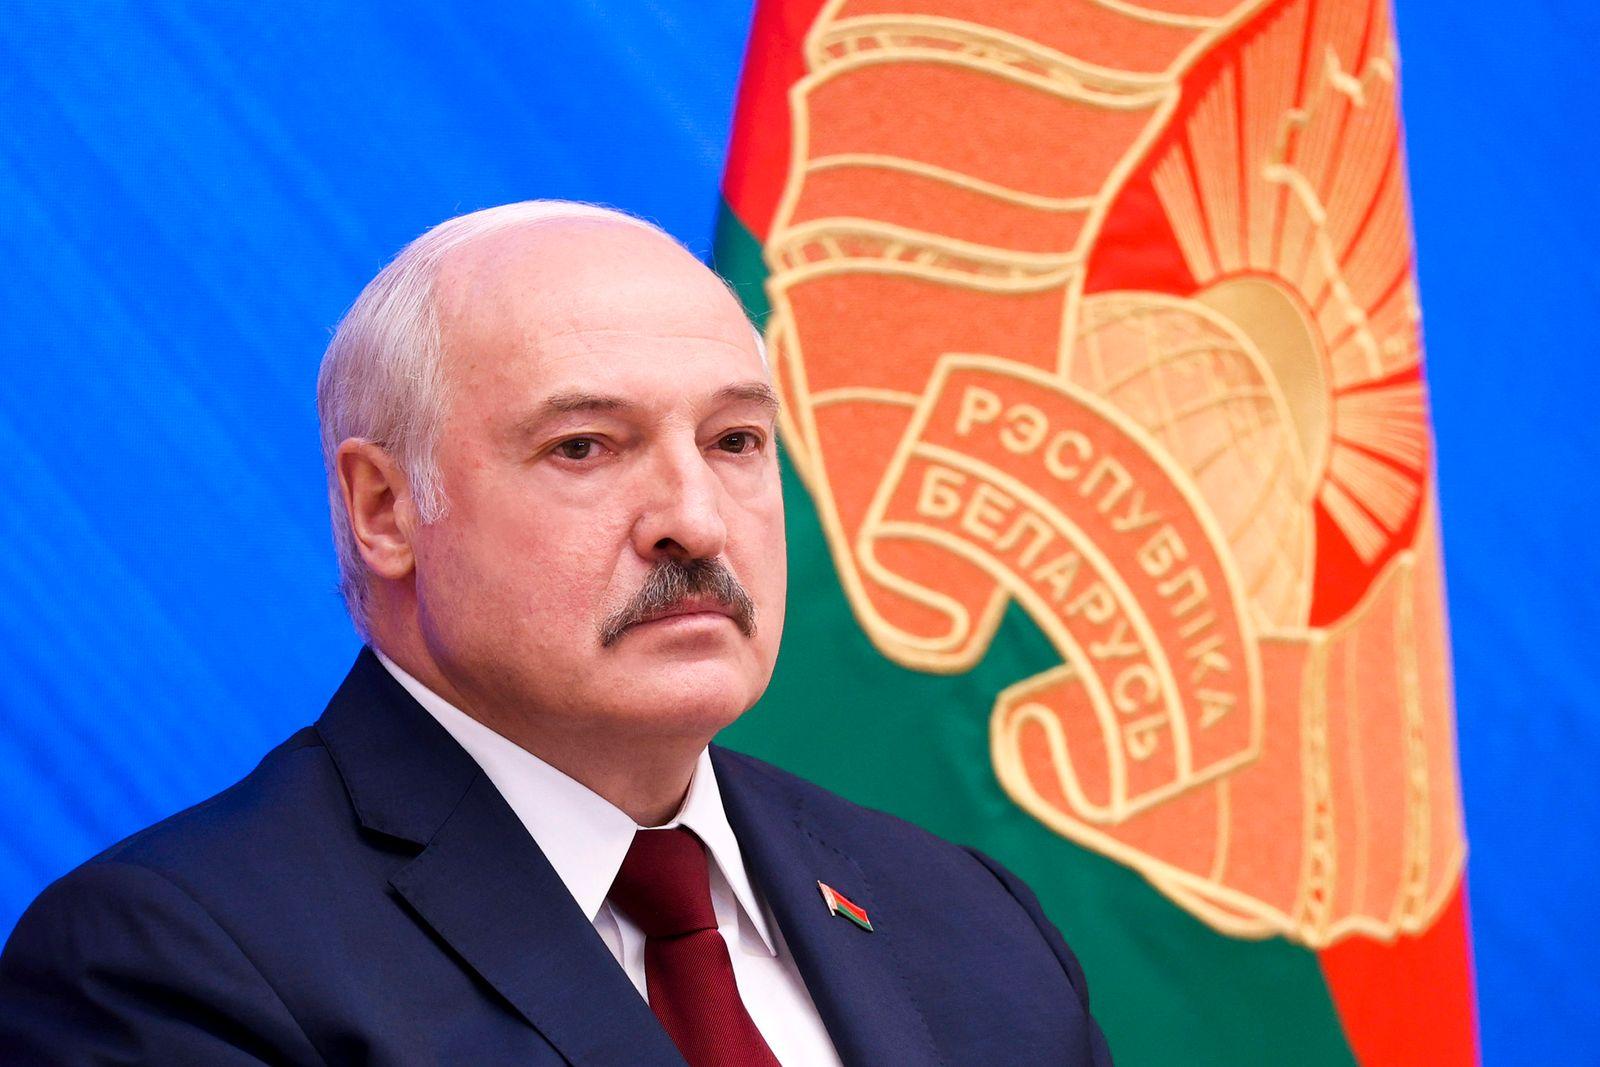 Ein Jahr Proteste inBelarus - Pressekonferenz Lukaschenko